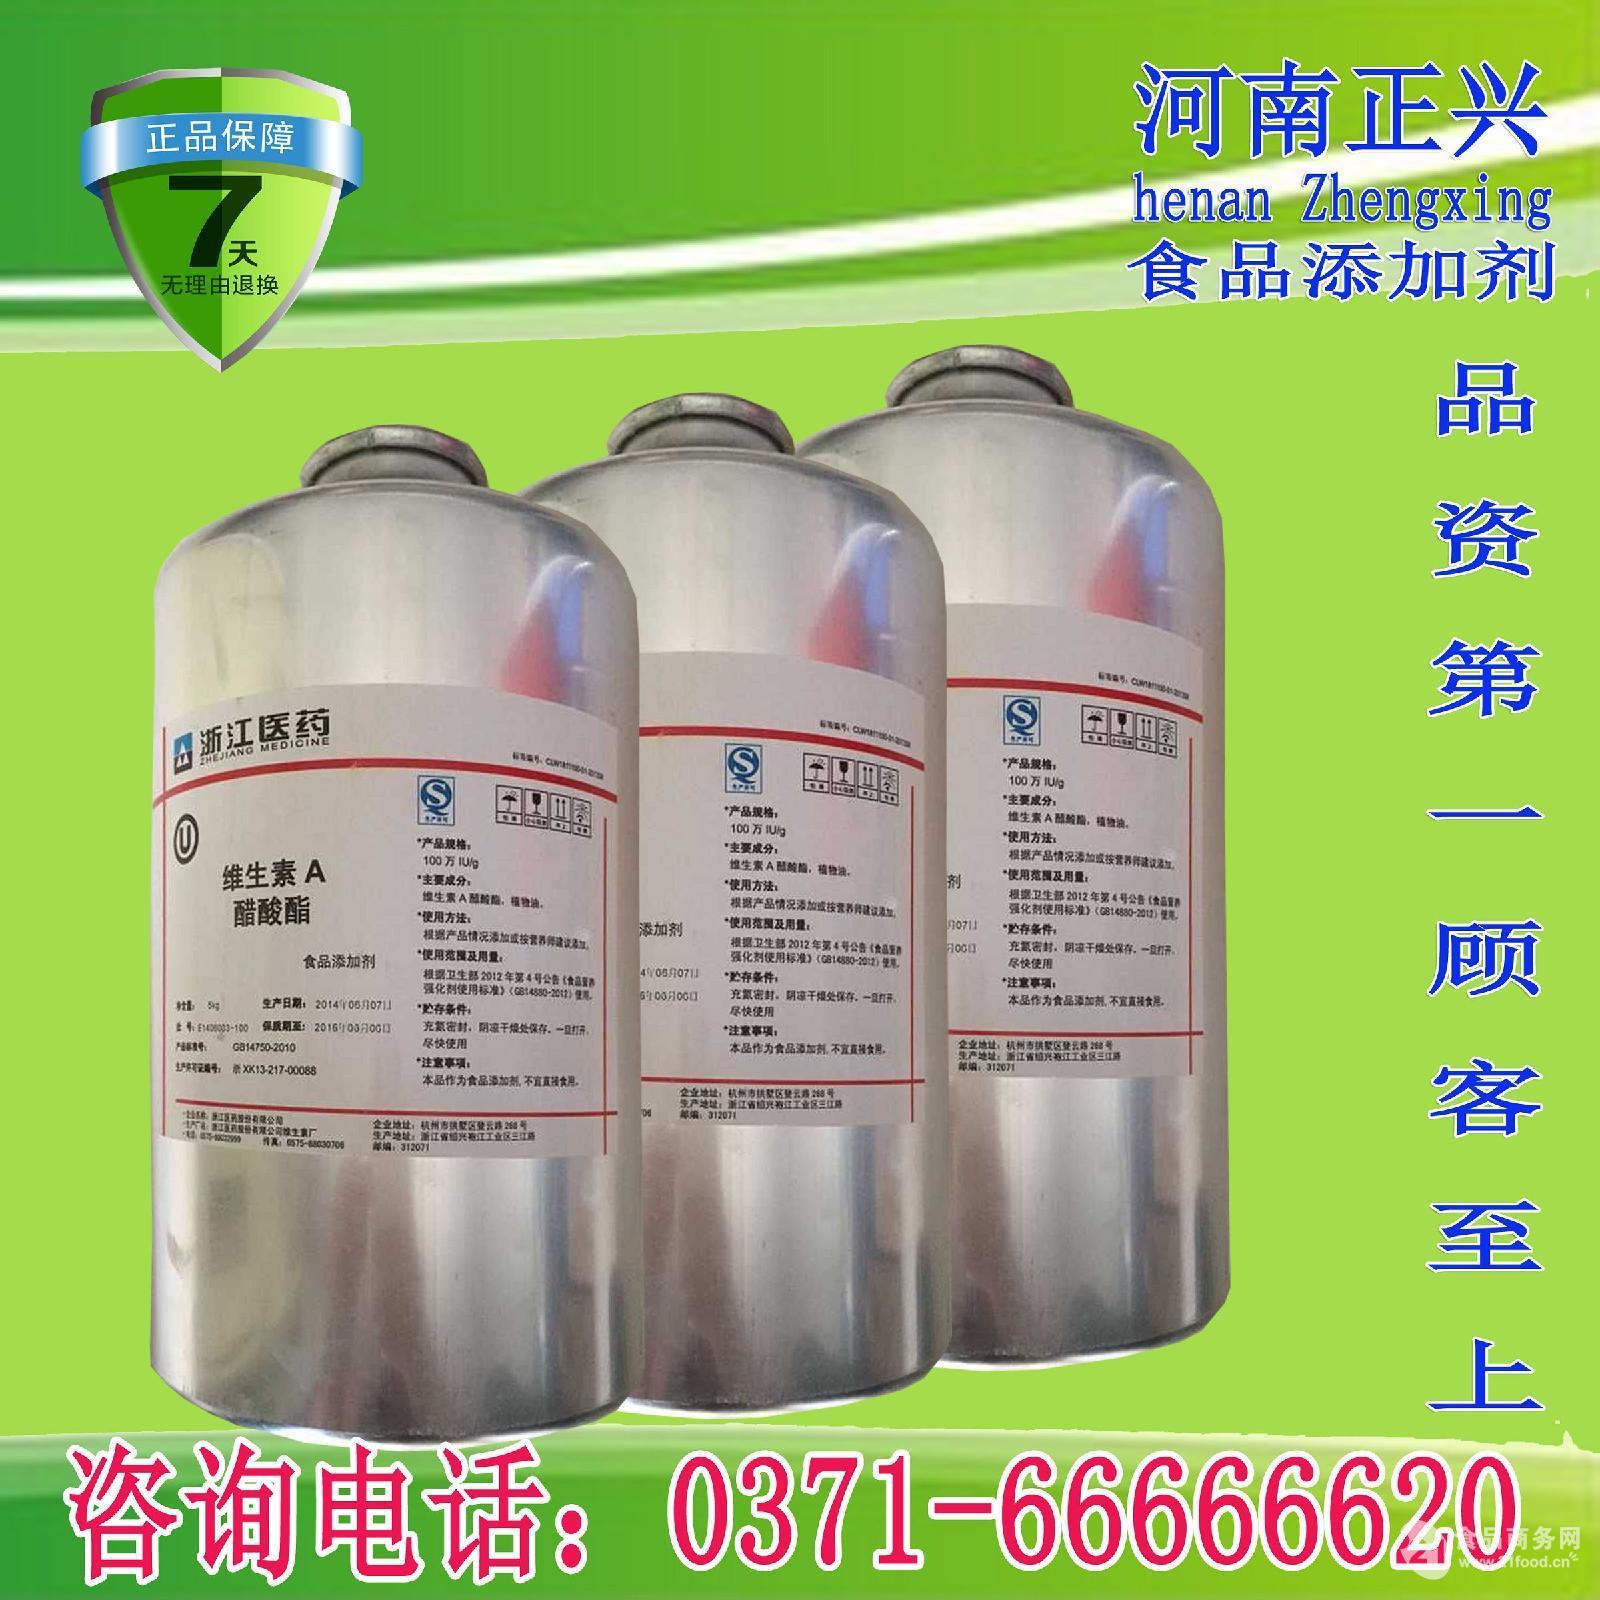 食品级 维生素A油 100万IU/G